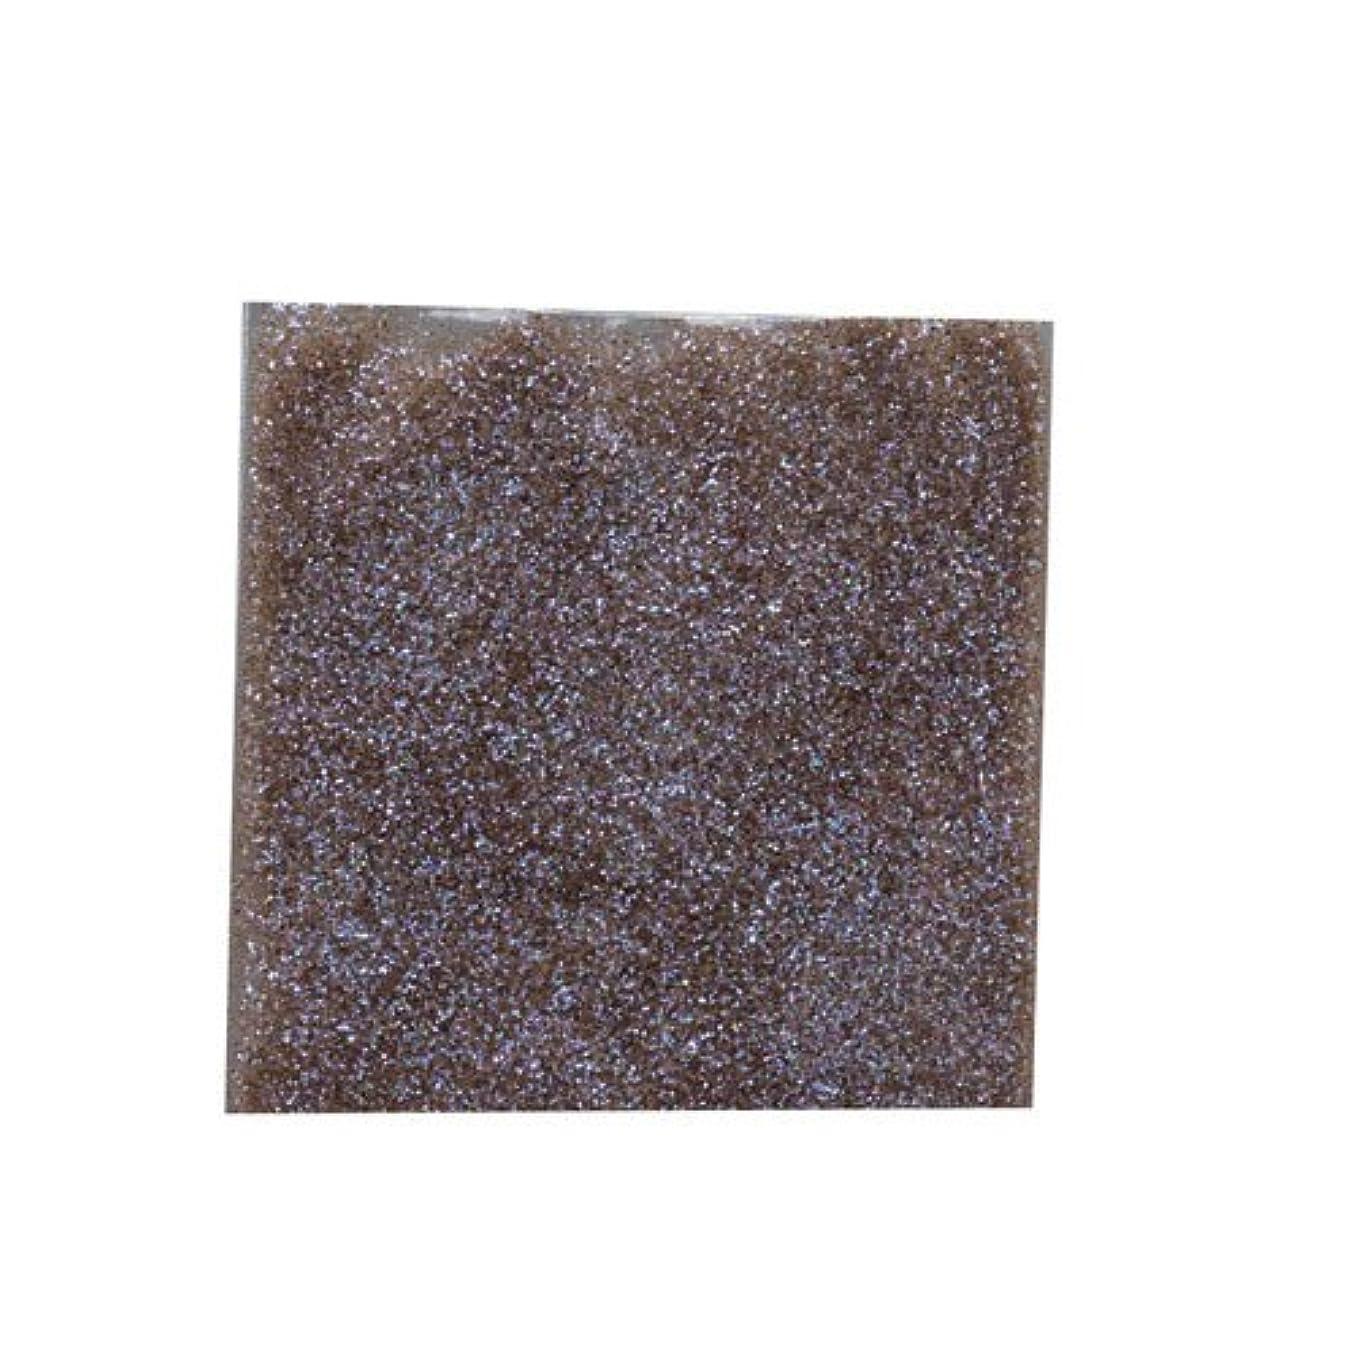 病気の鼓舞するストローピカエース ネイル用パウダー ラメカラーオーロラB 耐溶剤 S #539 ブラウン 0.7g